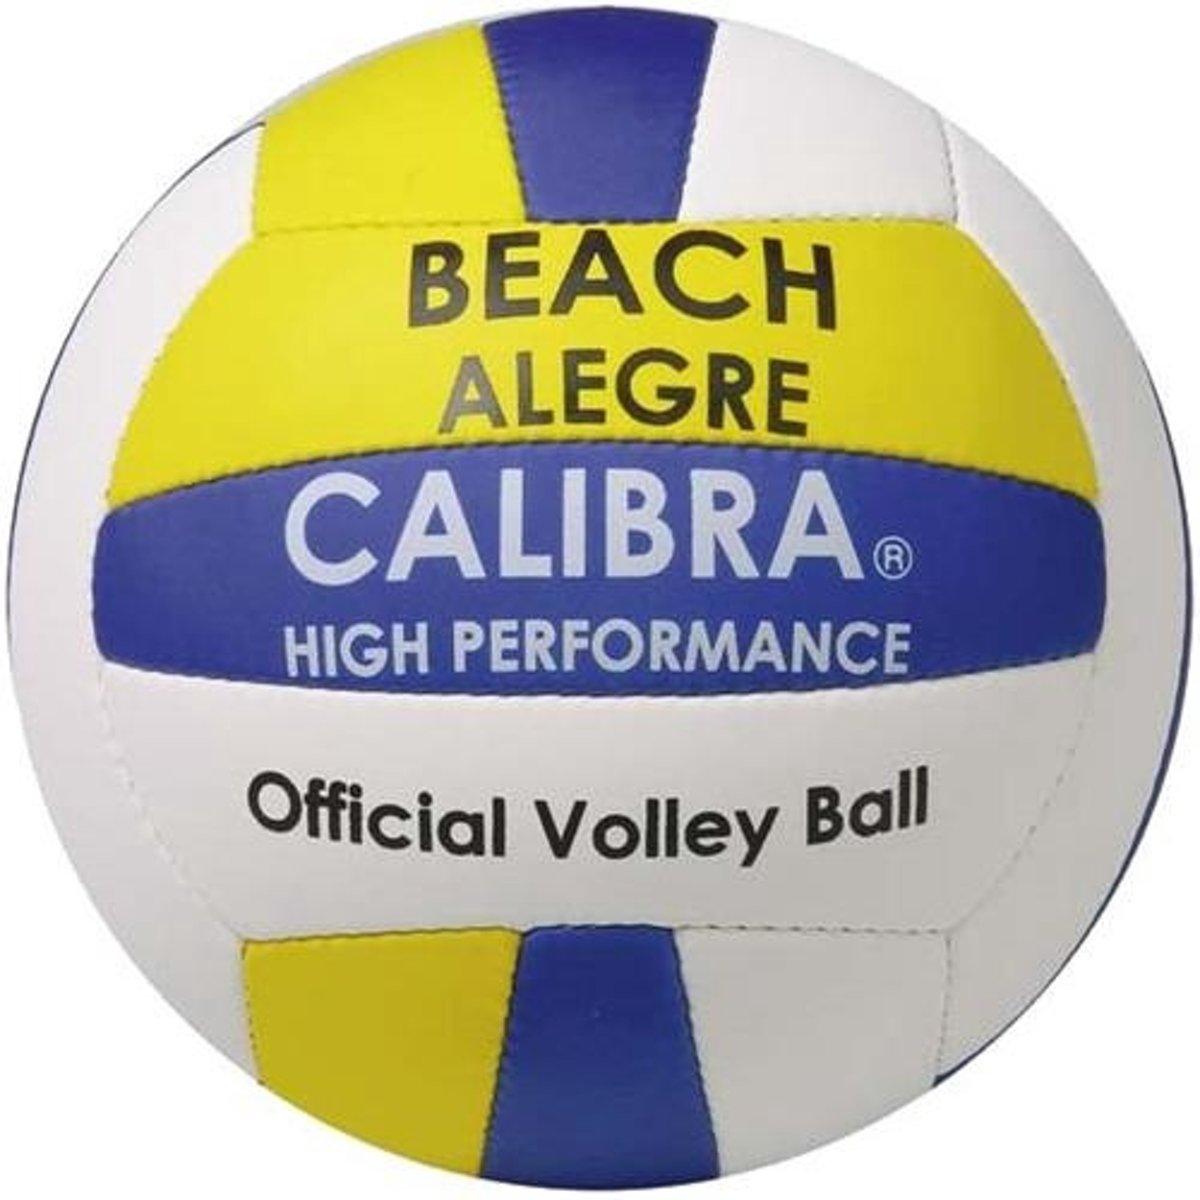 Calibra Beachvolleybal Alegre Wit/geel/blauw Maat 5 kopen